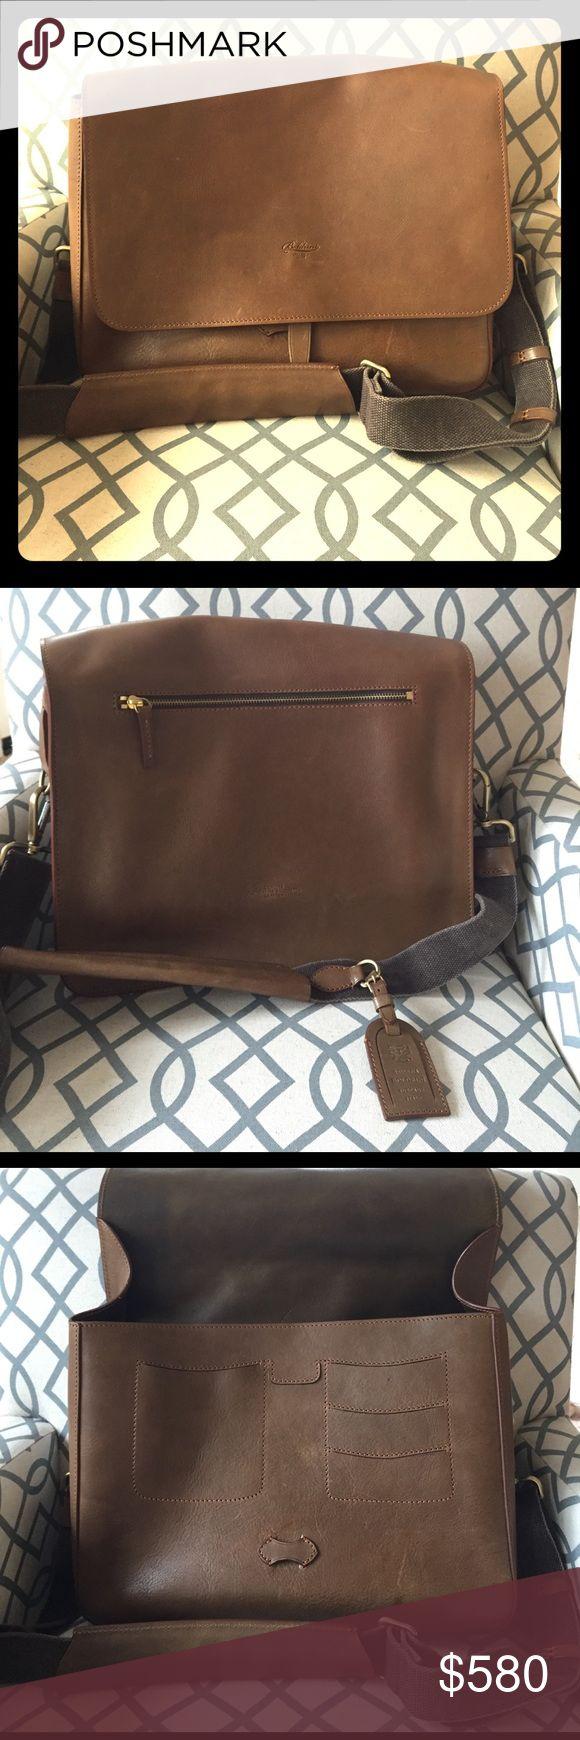 Boldrini Selleria Large Messenger Bag Brand new, never been used original Boldrini Selleria Large Messenger Bag. Boldrini Bags Messenger Bags